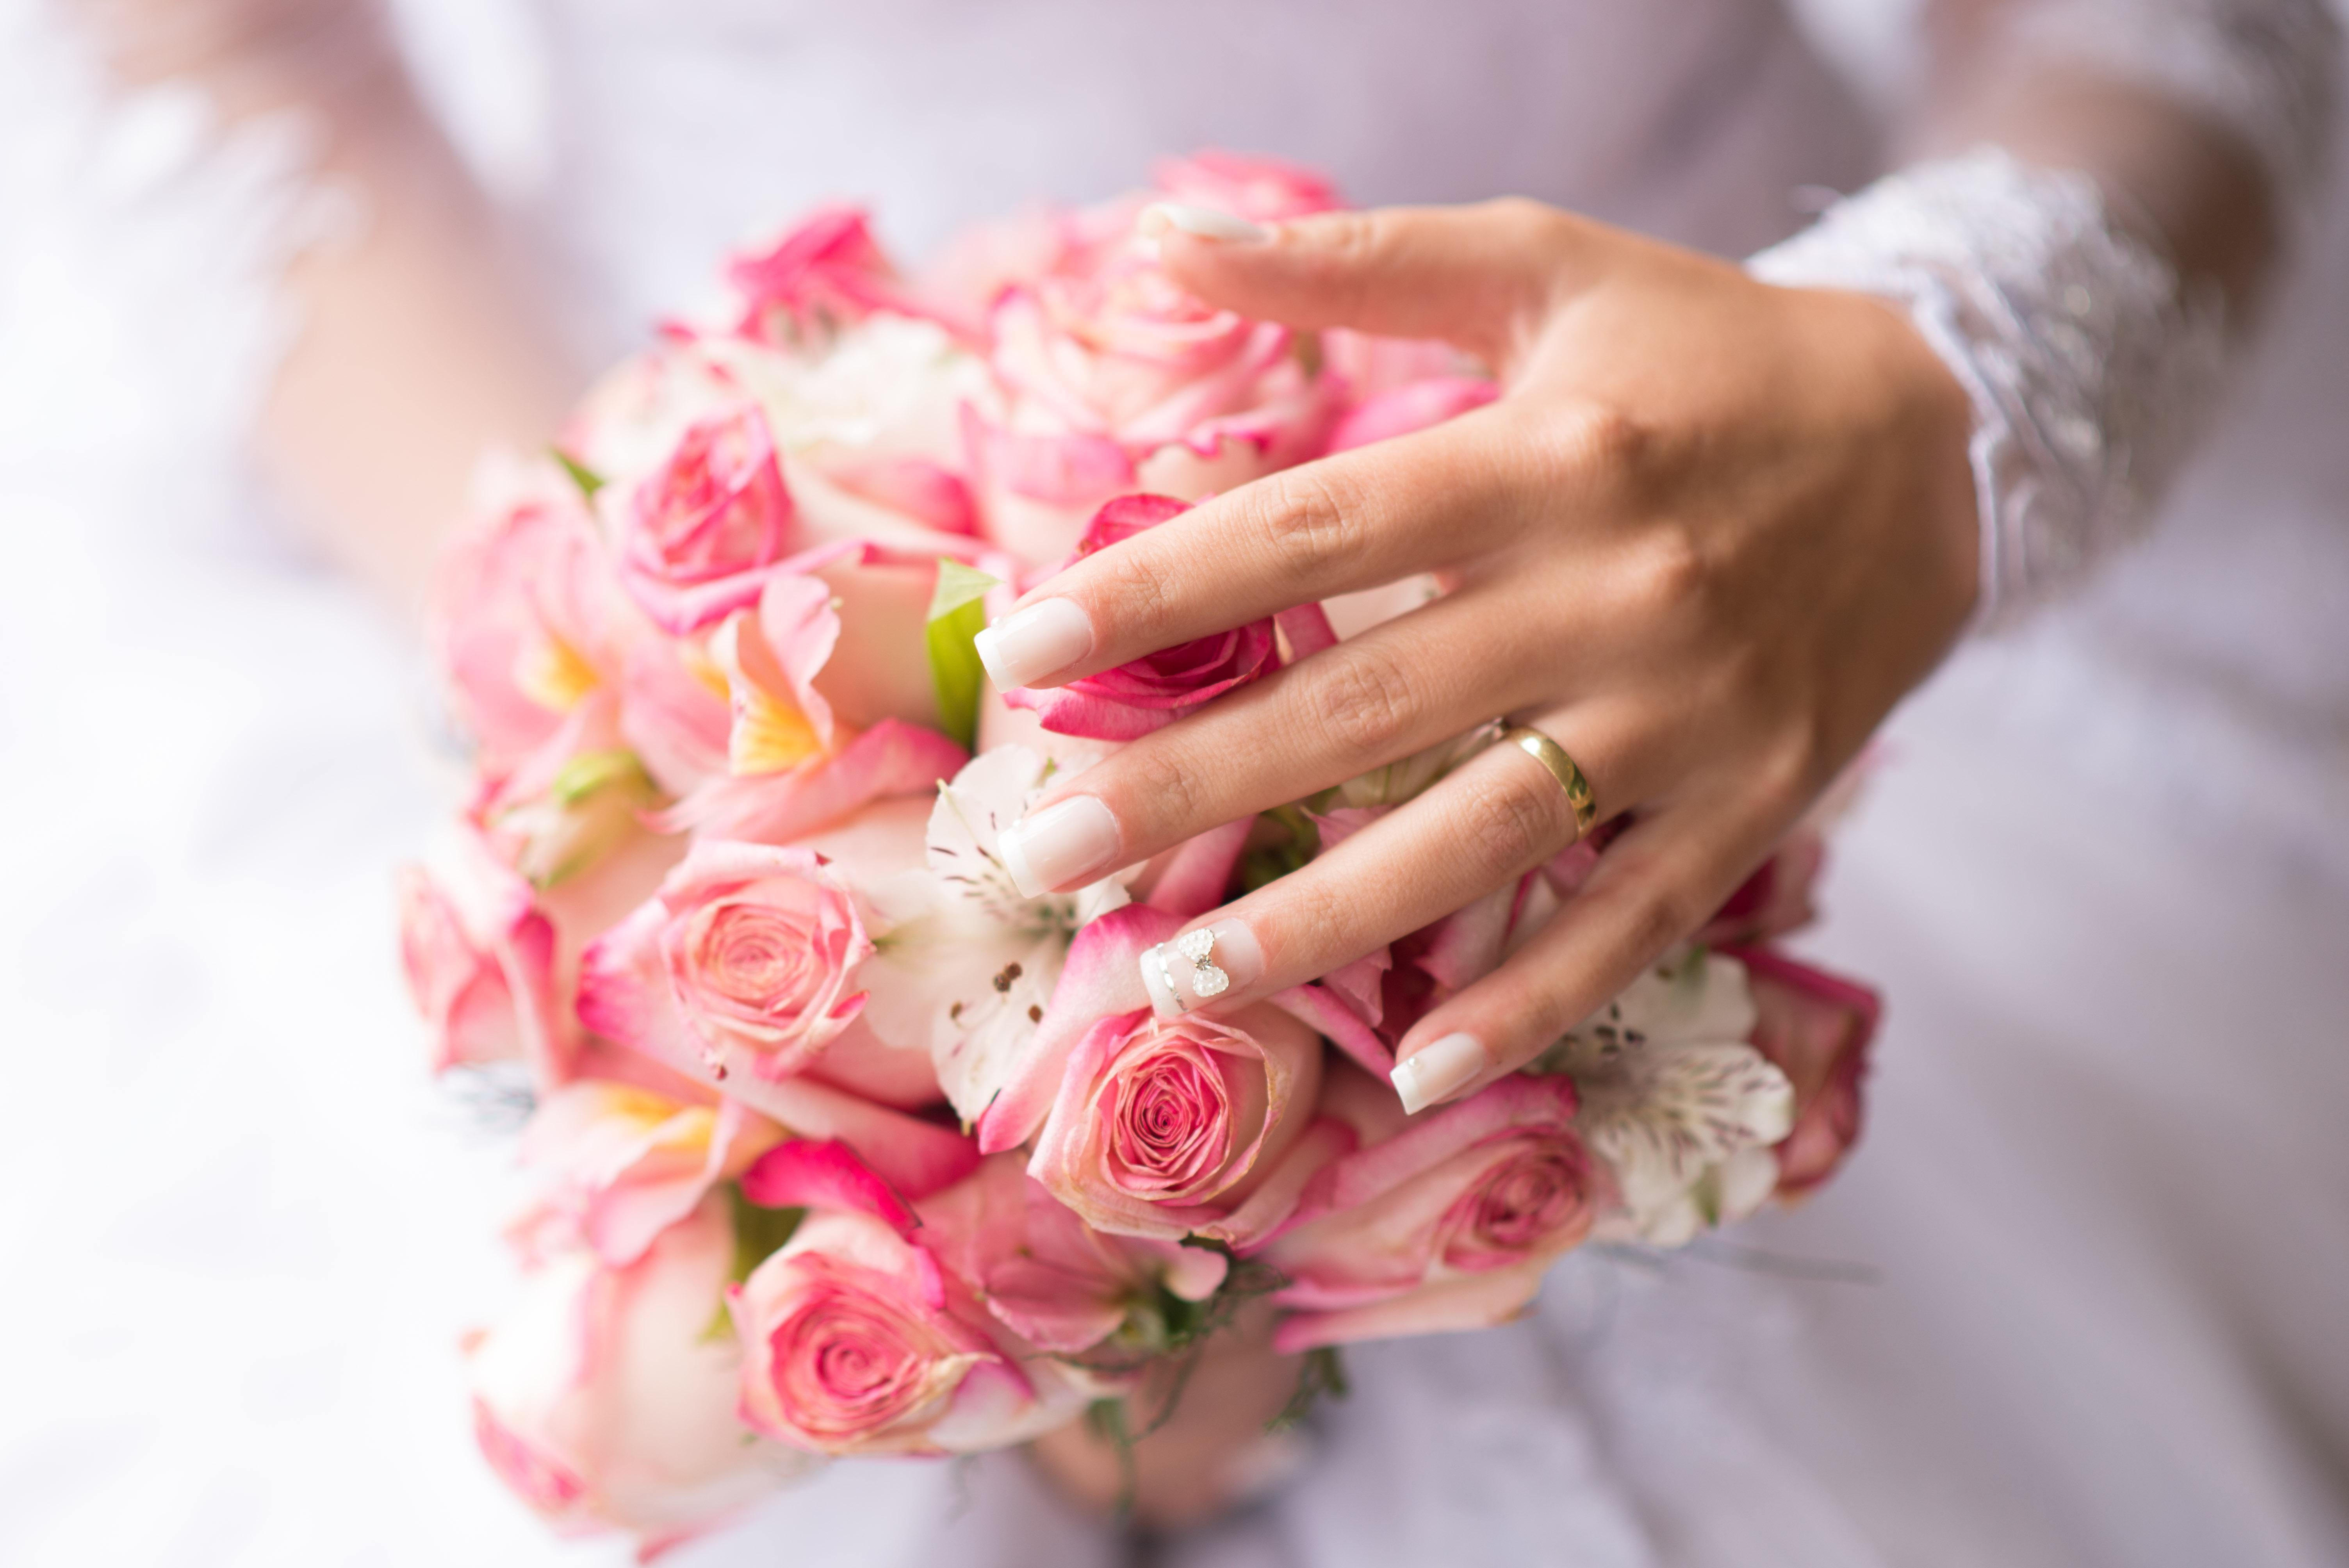 Find a Click fotografia de casamento cariacica es-375